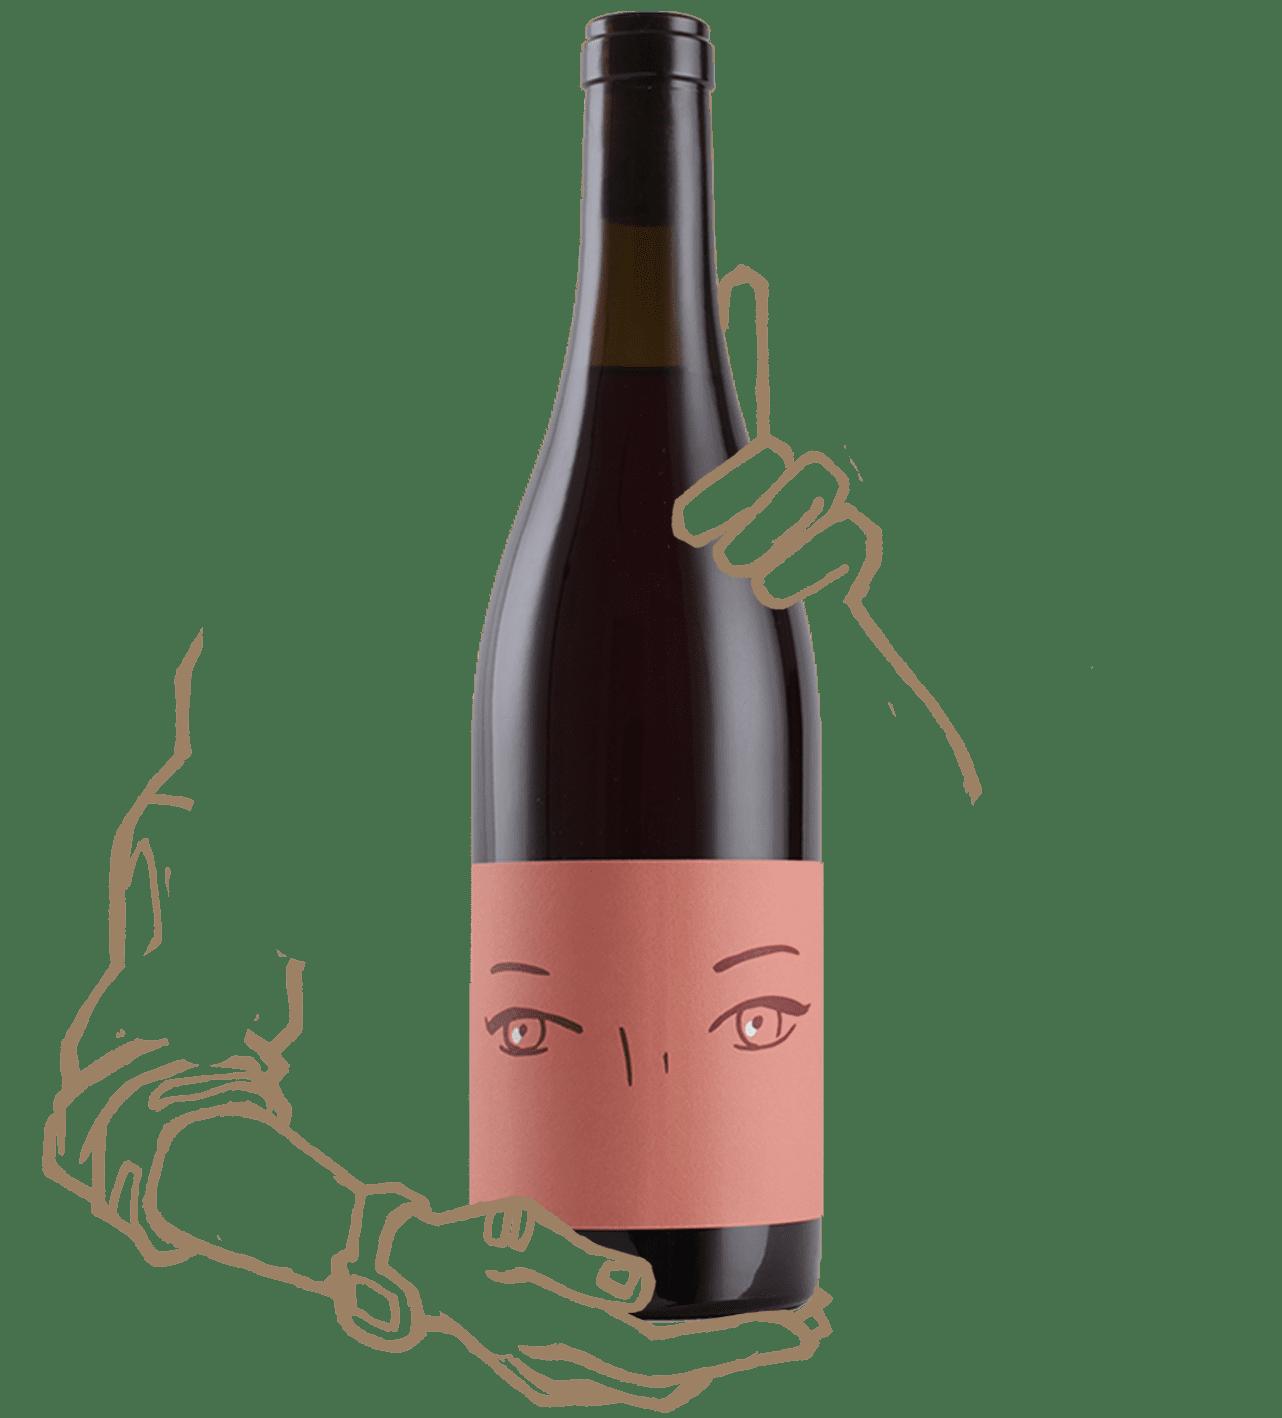 Fatale est un rosé du vin des potes X Catherine Bernard